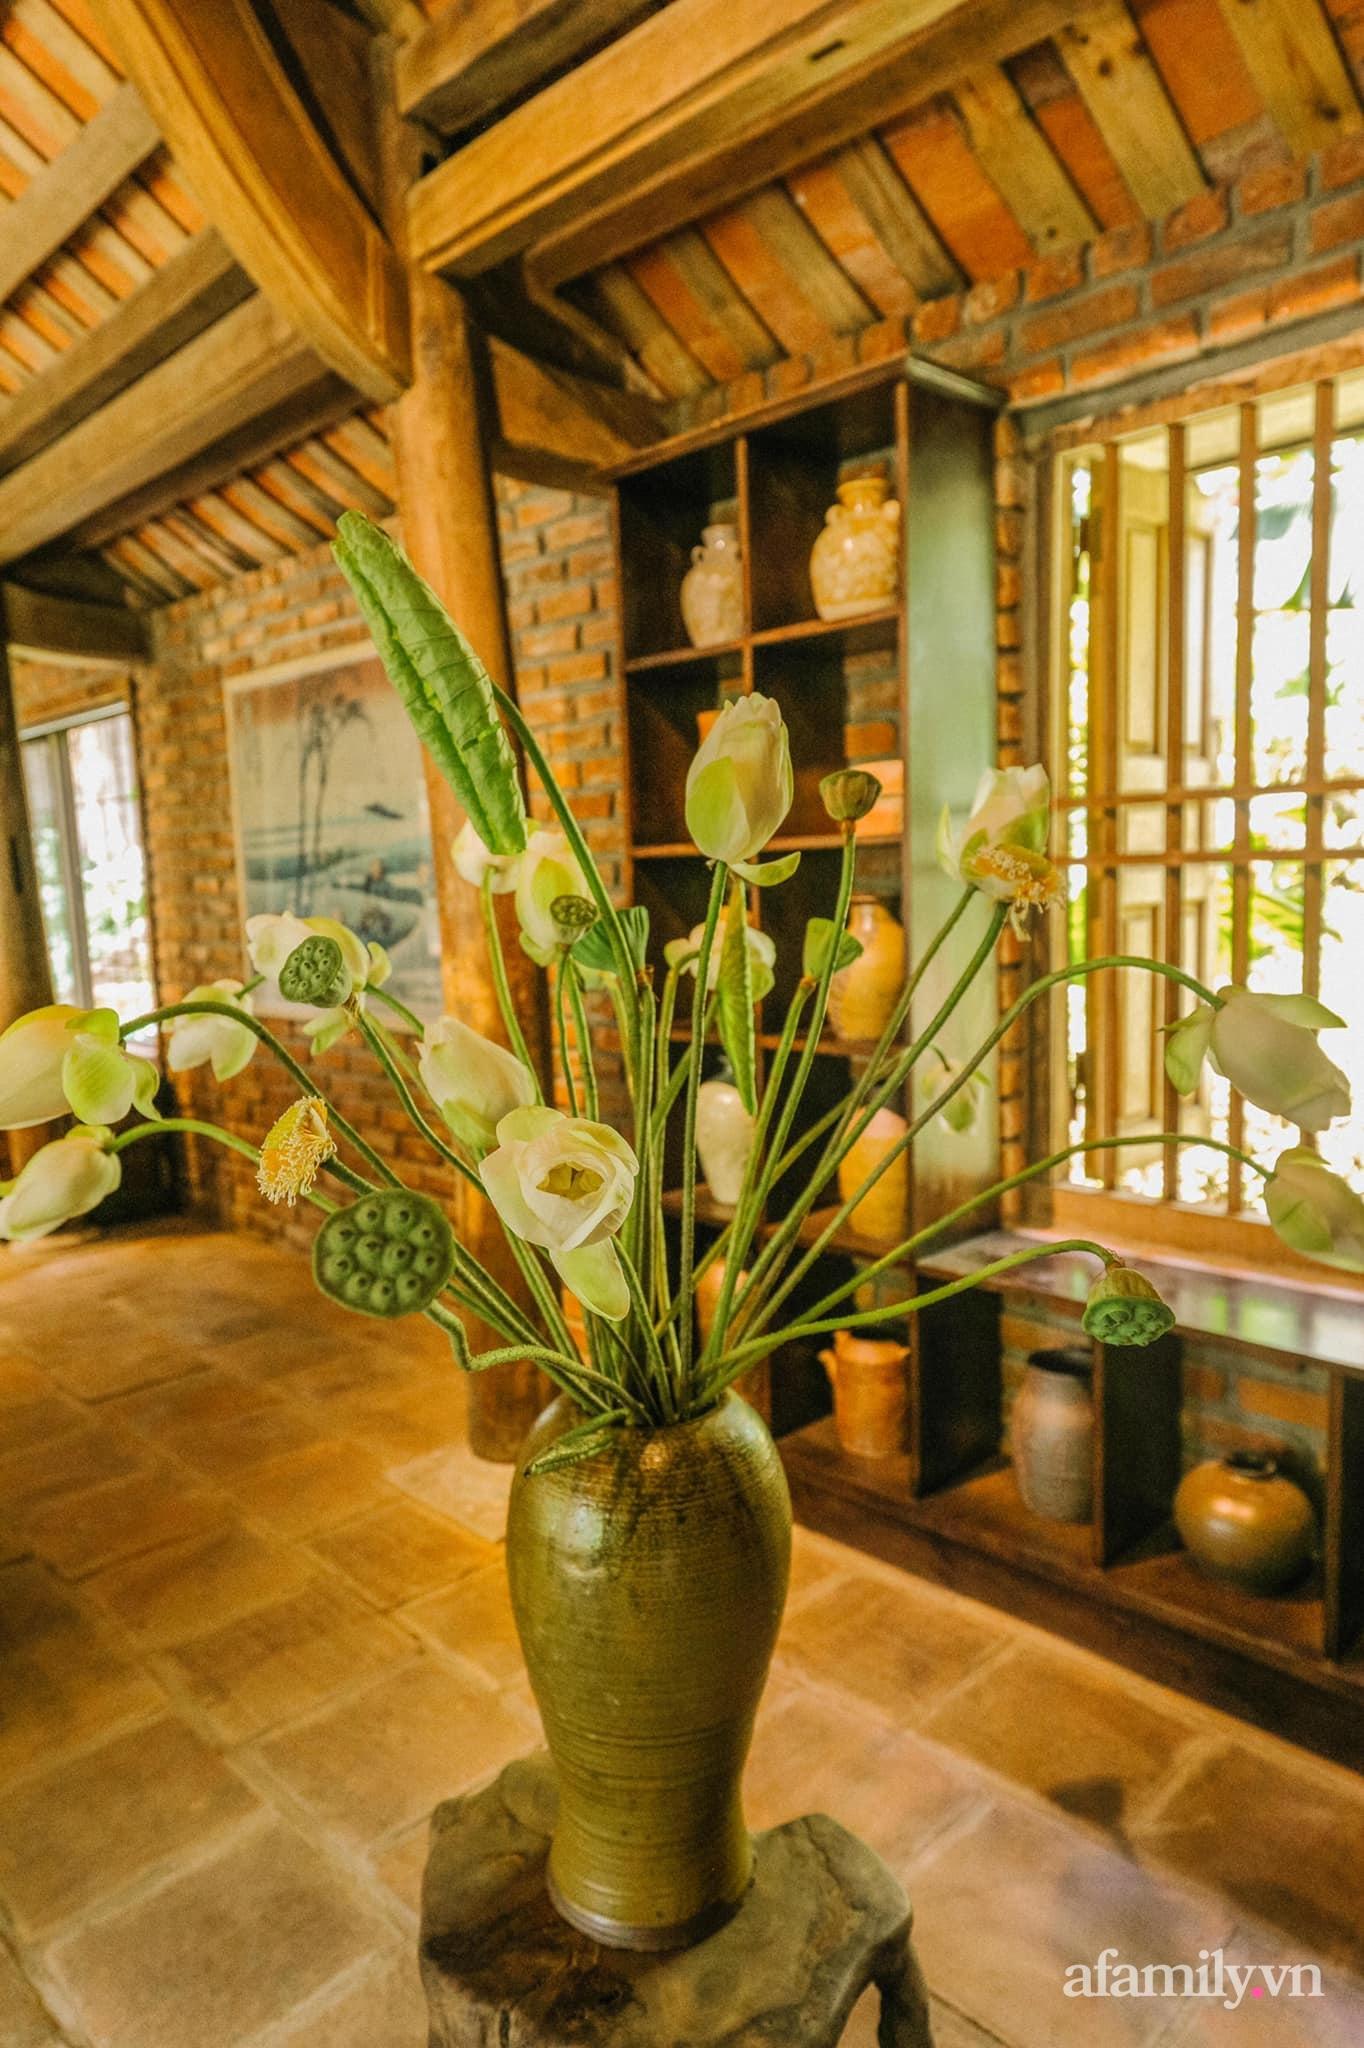 Cải tạo không gian rêu phong thành nhà vườn gói ghém những bình yên của người phụ nữ Hà Thành - Ảnh 13.